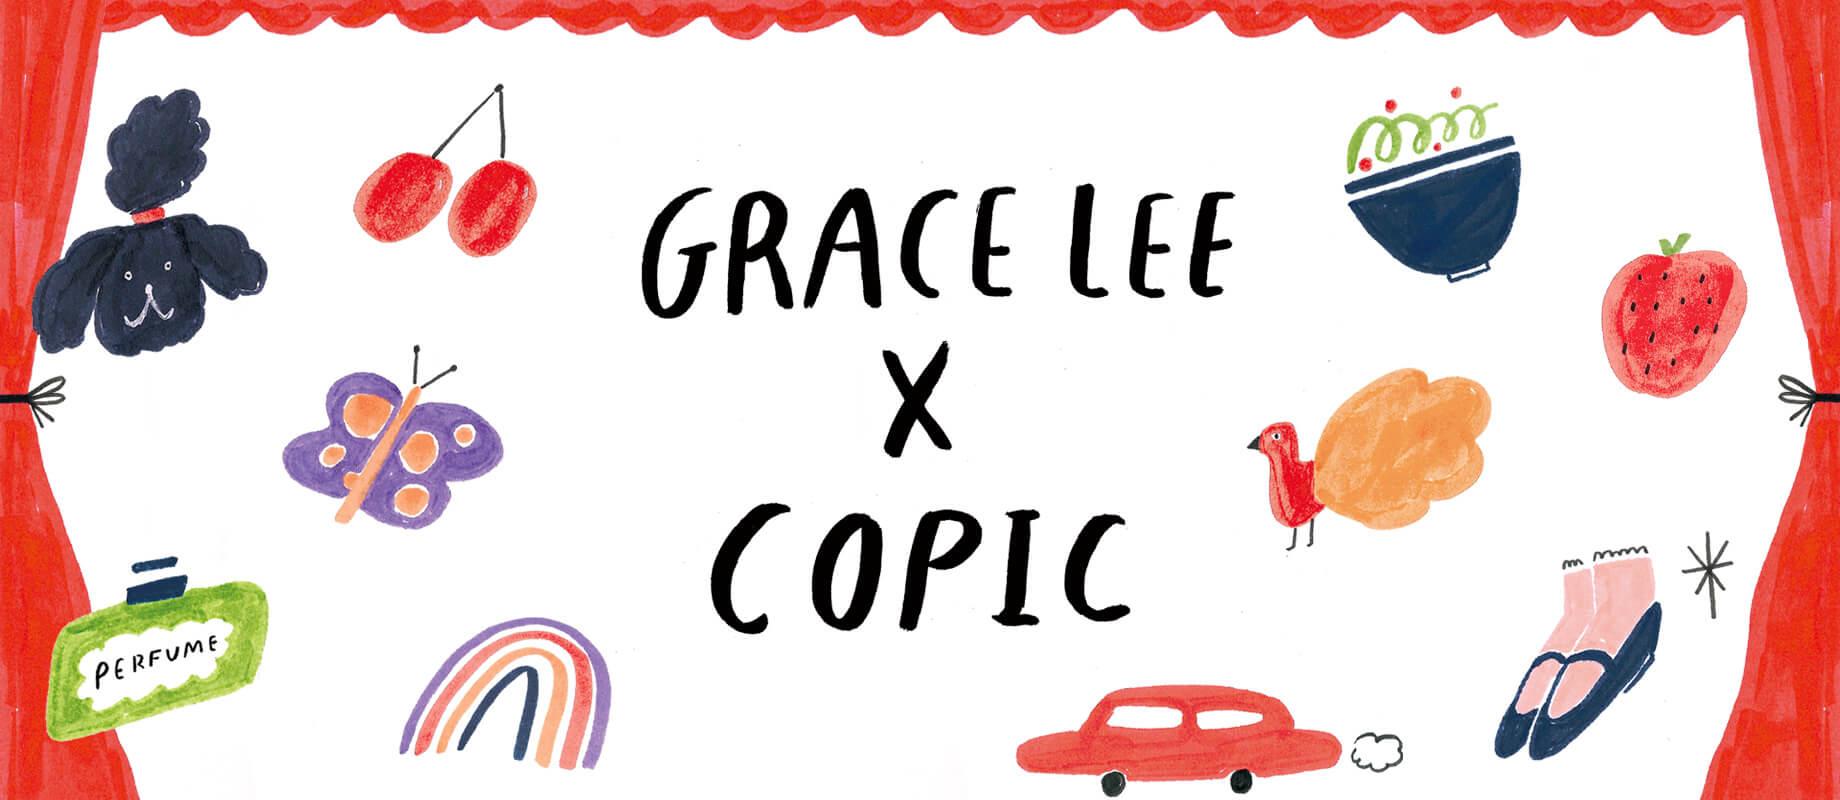 Gracelee